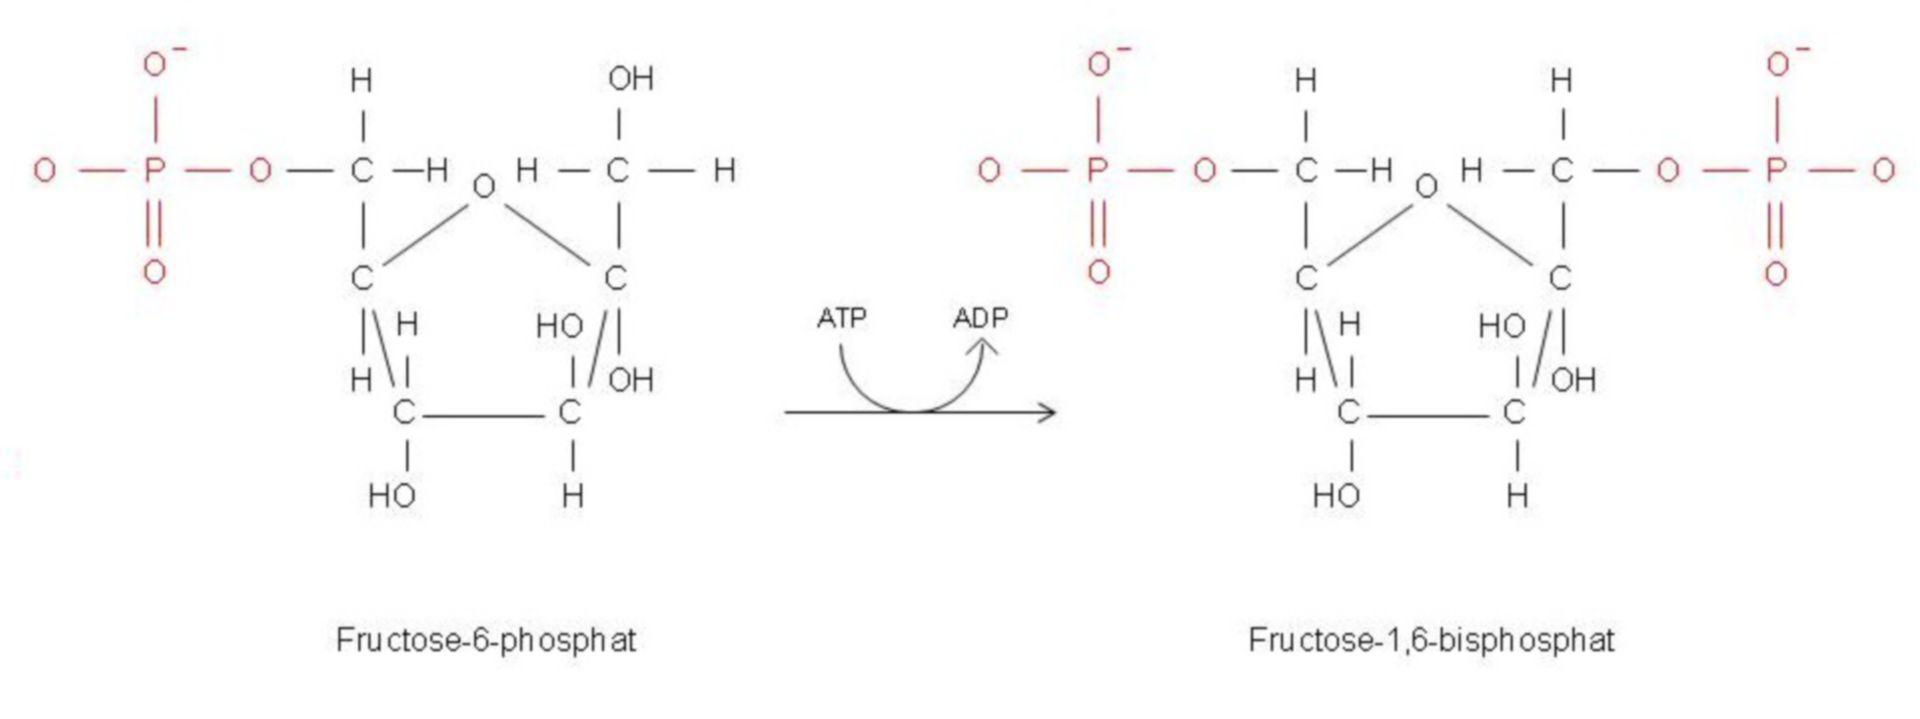 La fosforilazione del fruttosio-6-fosfato a fruttosio-1,6-bisfosfato